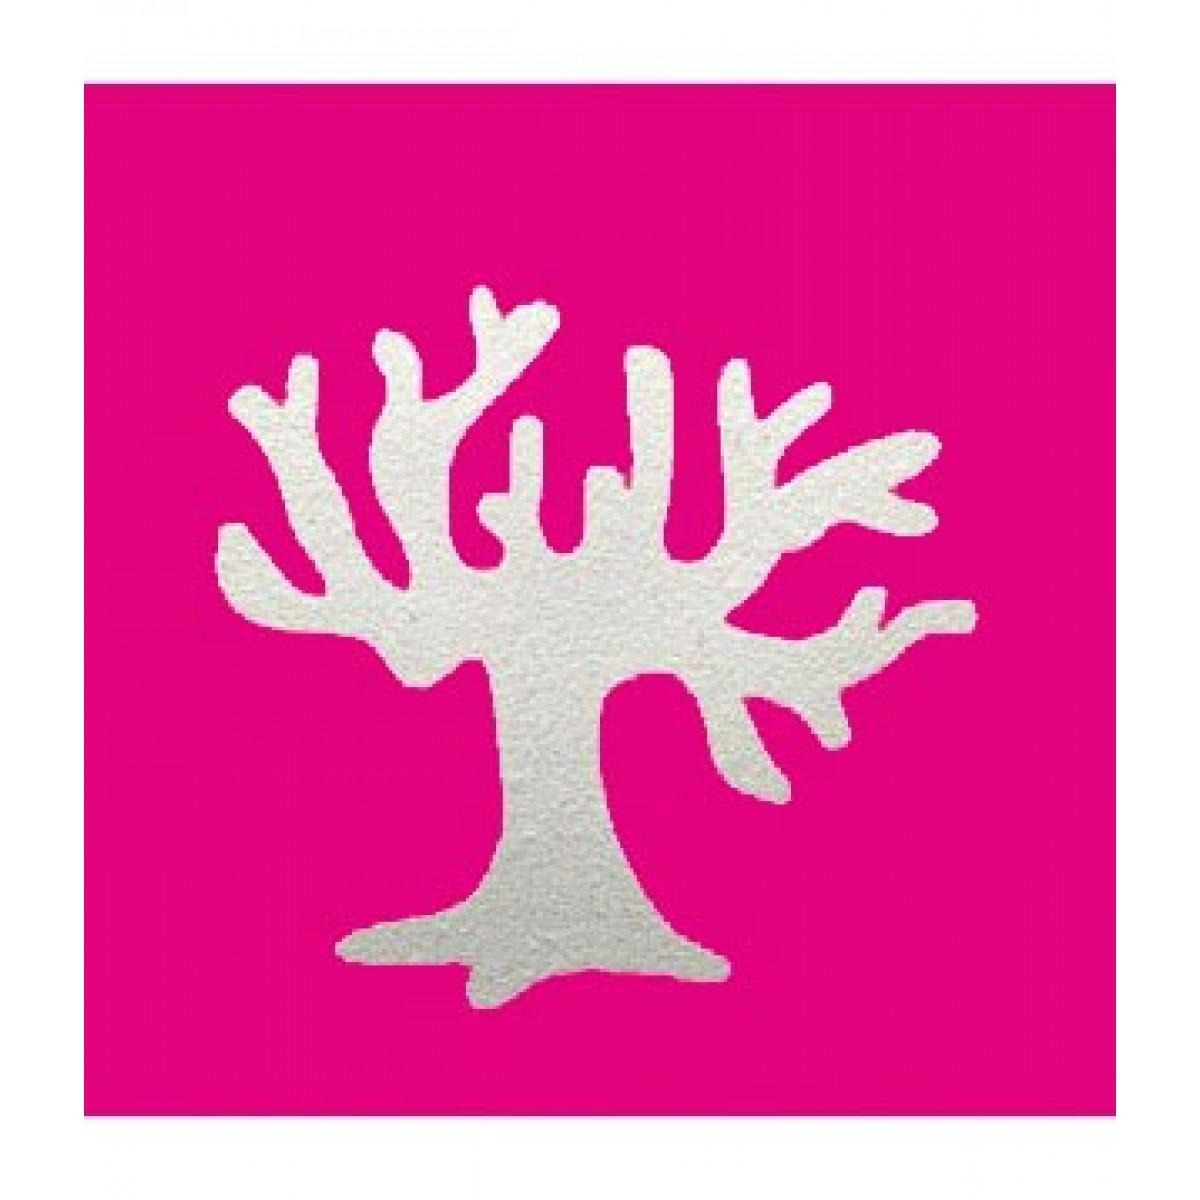 Efco Φιγουροκόπτης Δέντρο (3 Μεγ.) Υλικά Χειροτεχνίας